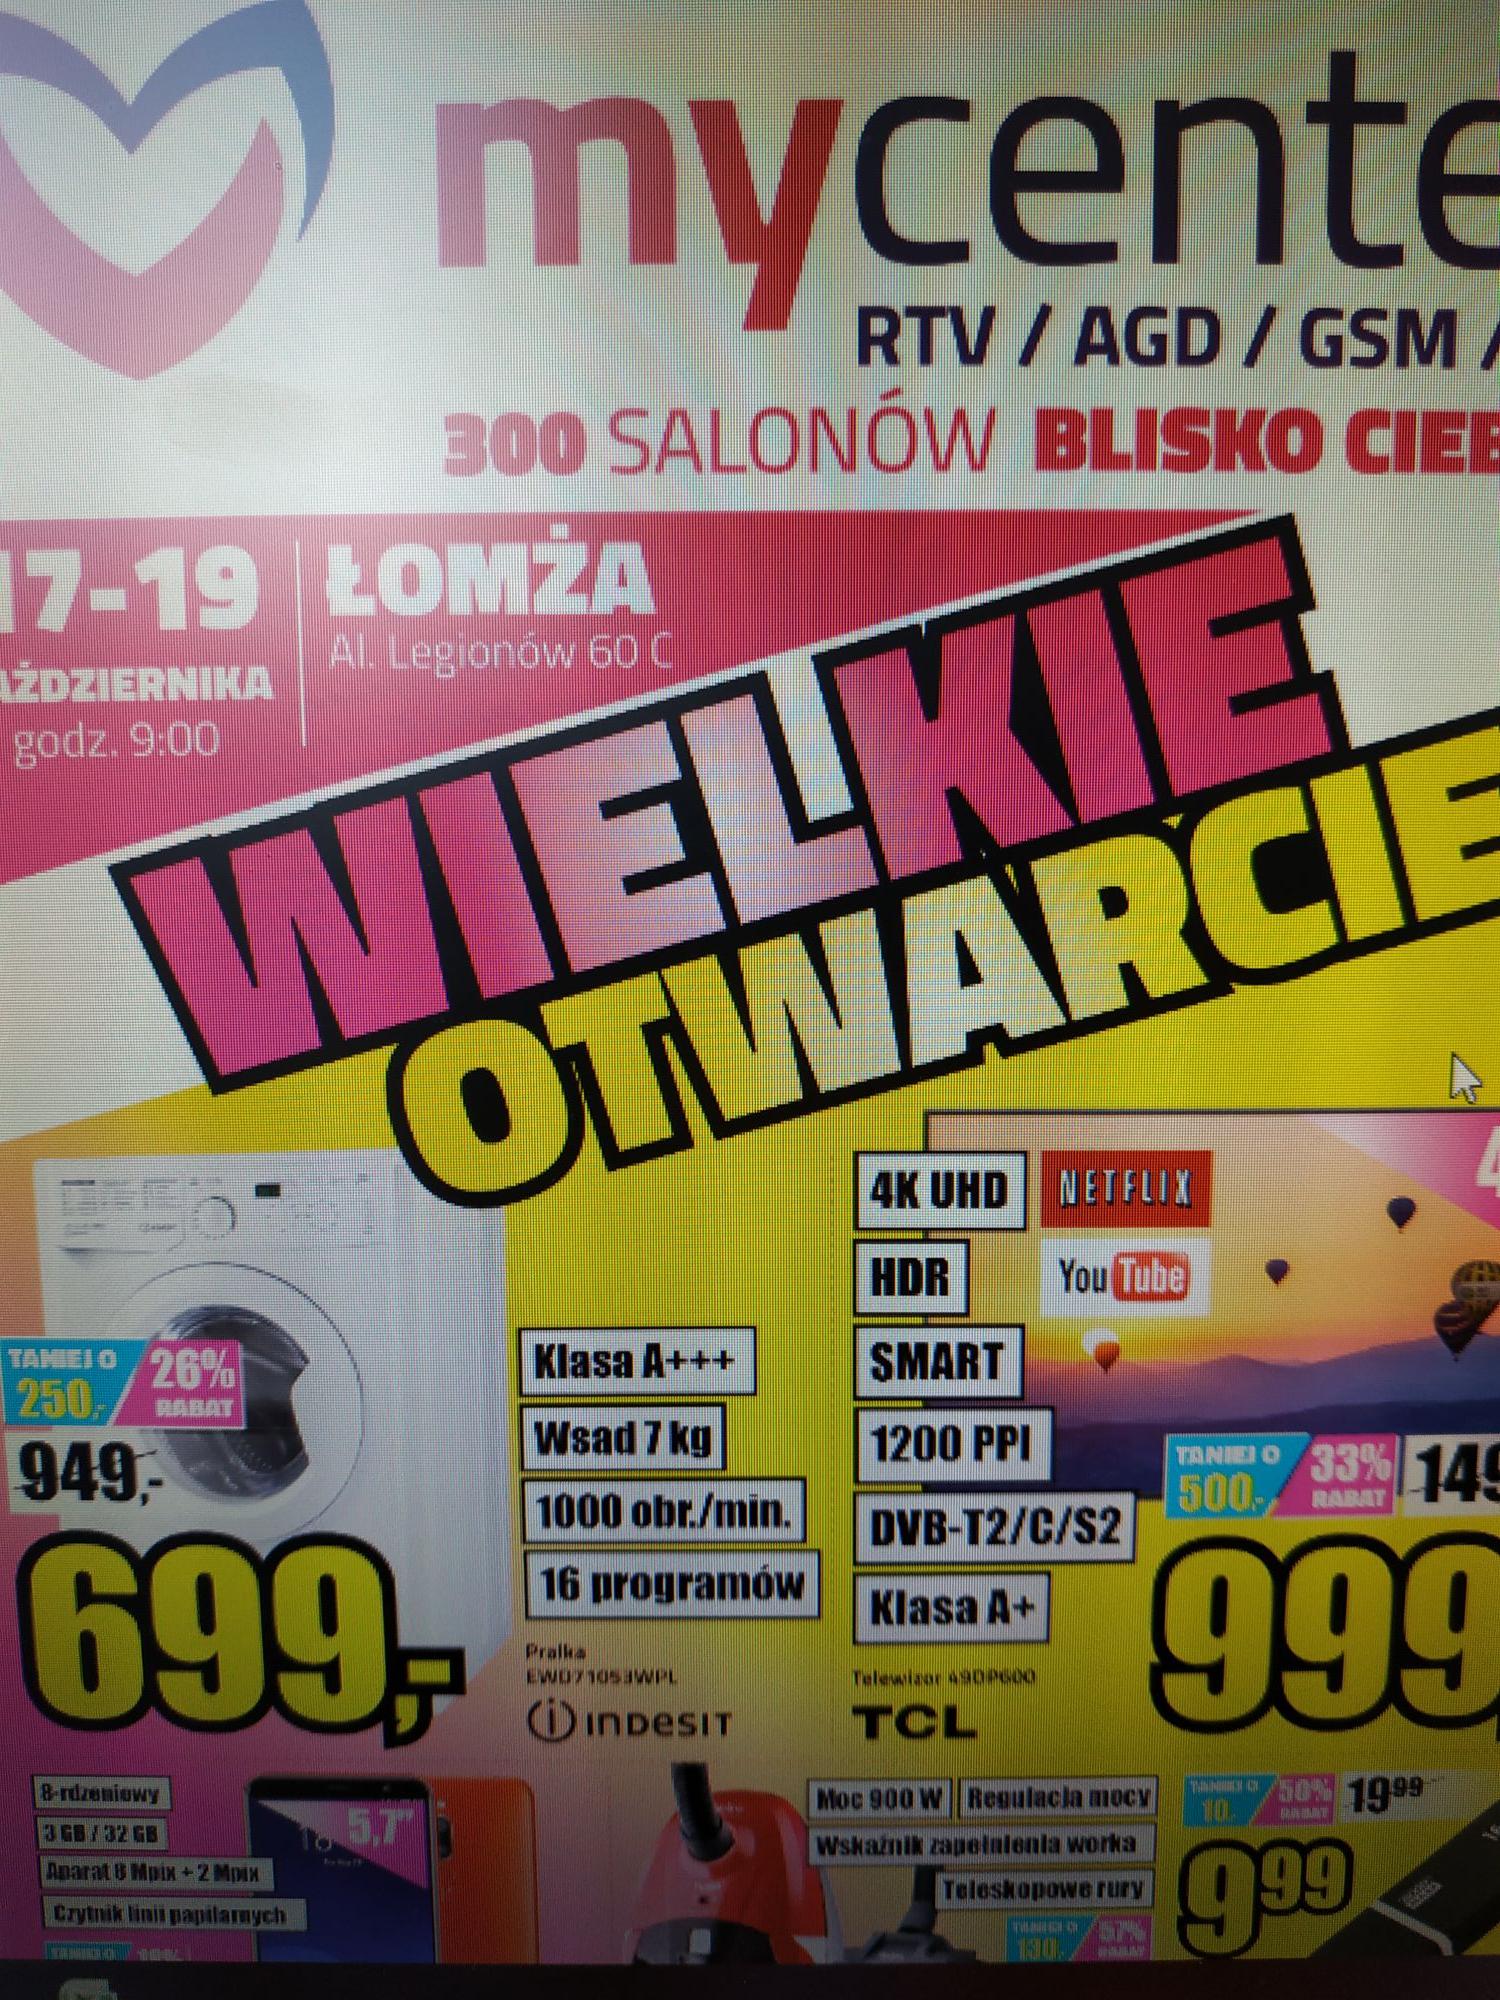 Otwarcie sklepu MyCenter w Łomży - taniej telewizor TCL49DP600, pralka EDW71053WPL i wiele więcej